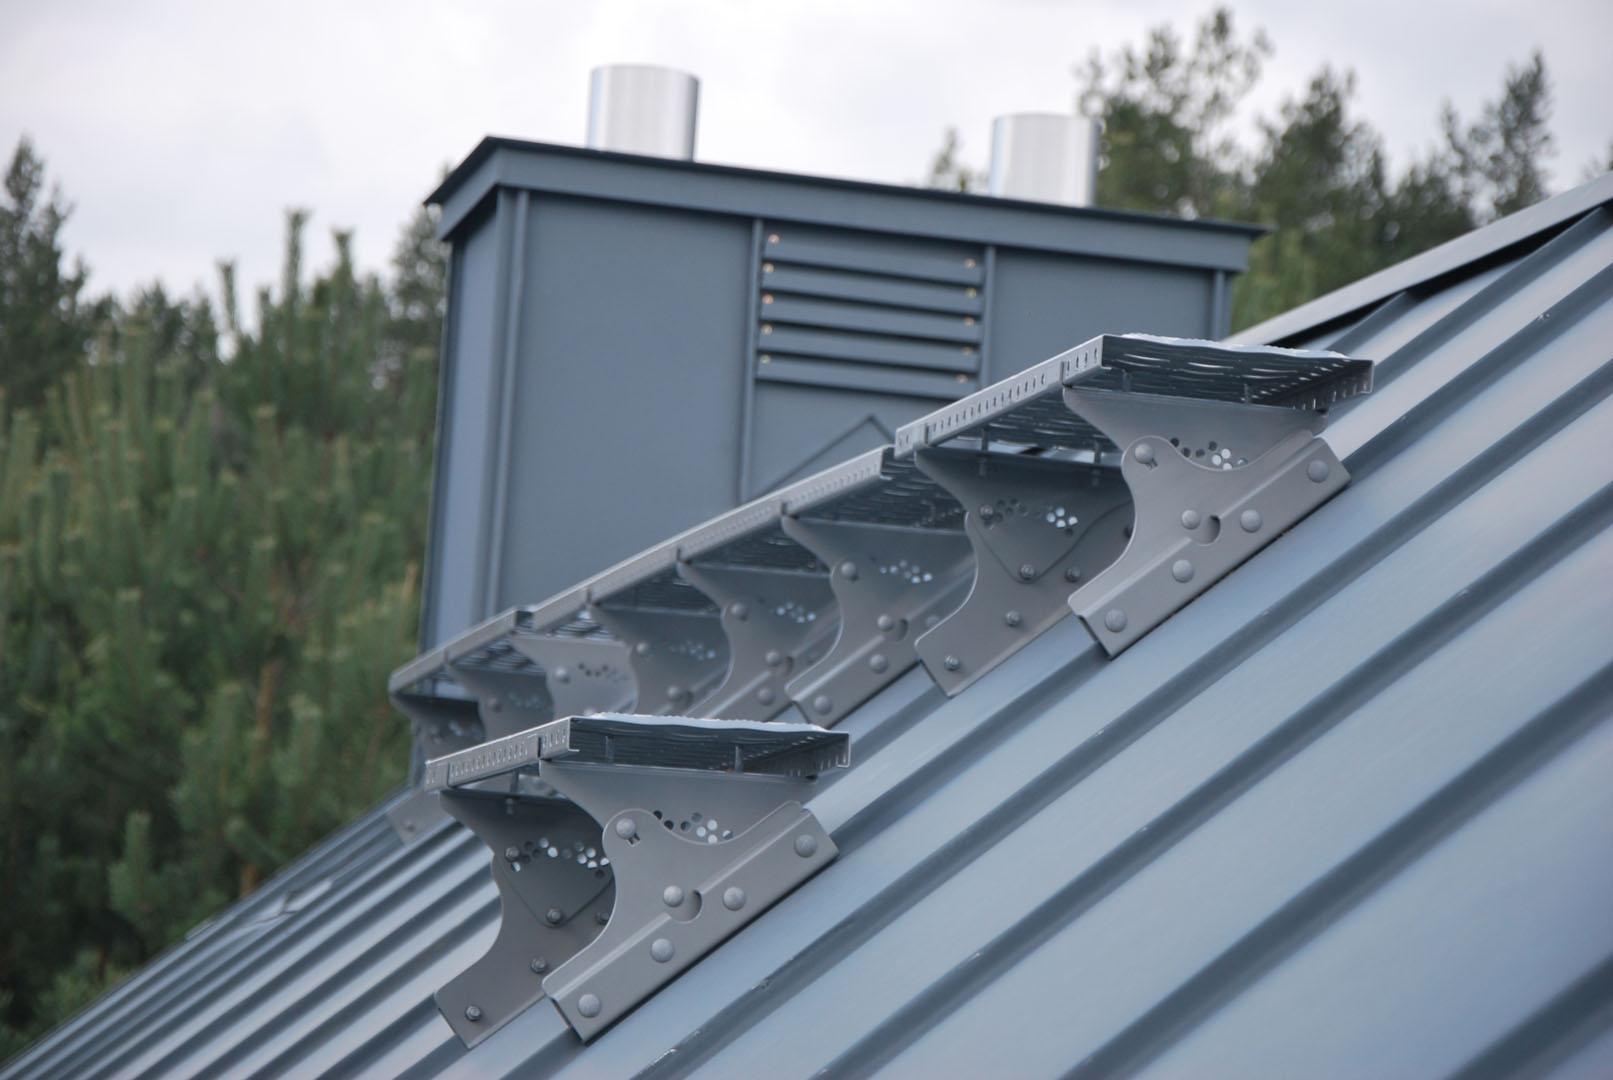 Wspornik ławy kominiarskiej typ 2 premium na rąbek wysoki to element zestawu komunikacji dachowej CEDA montowany na dachu w celu bezpiecznego chodzenia po dachu.